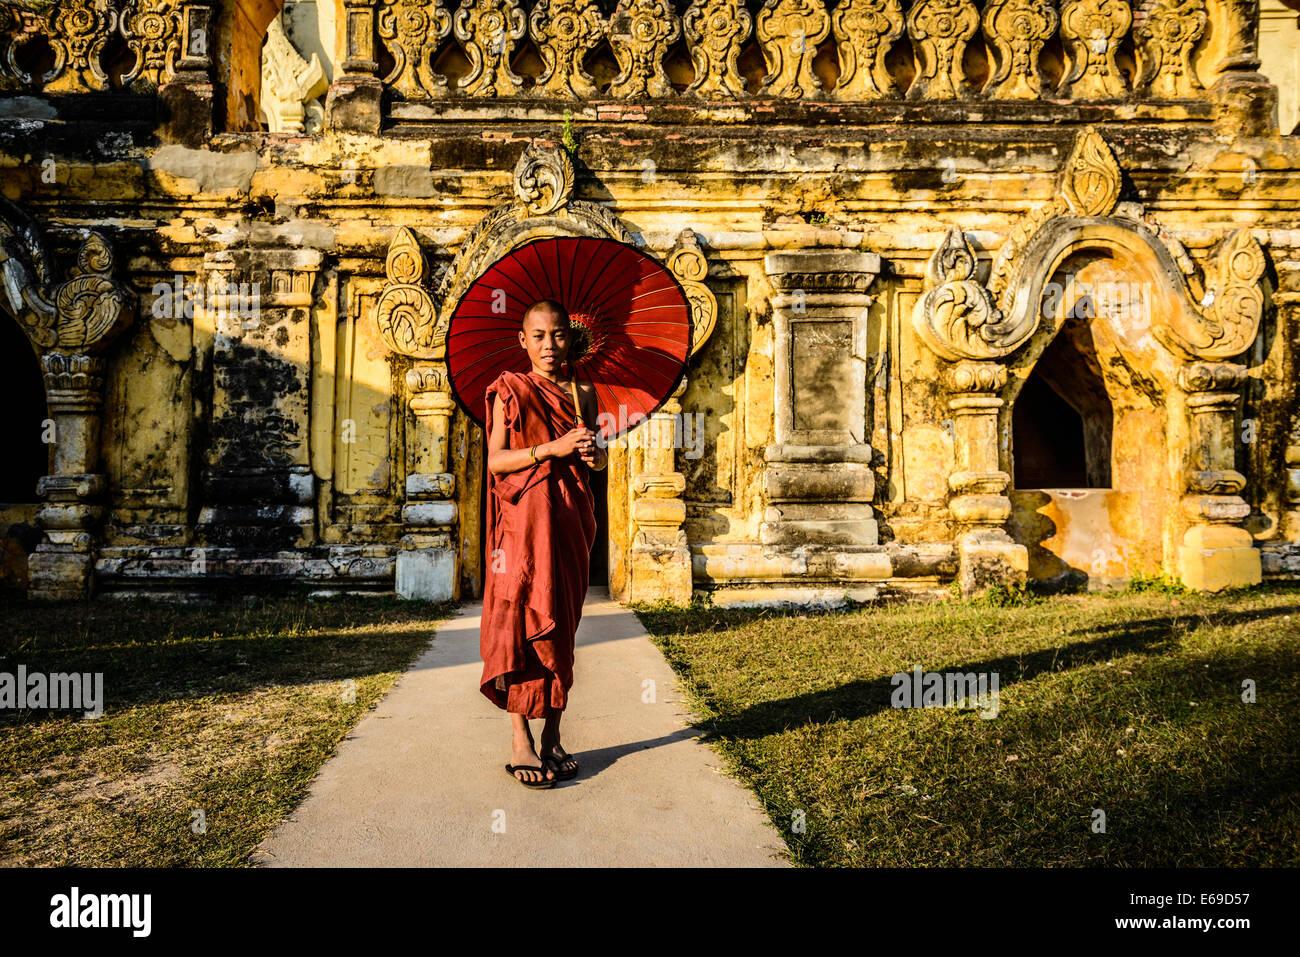 Asiatischen Mann mit Regenschirm durch kunstvolle Tempel Stockbild